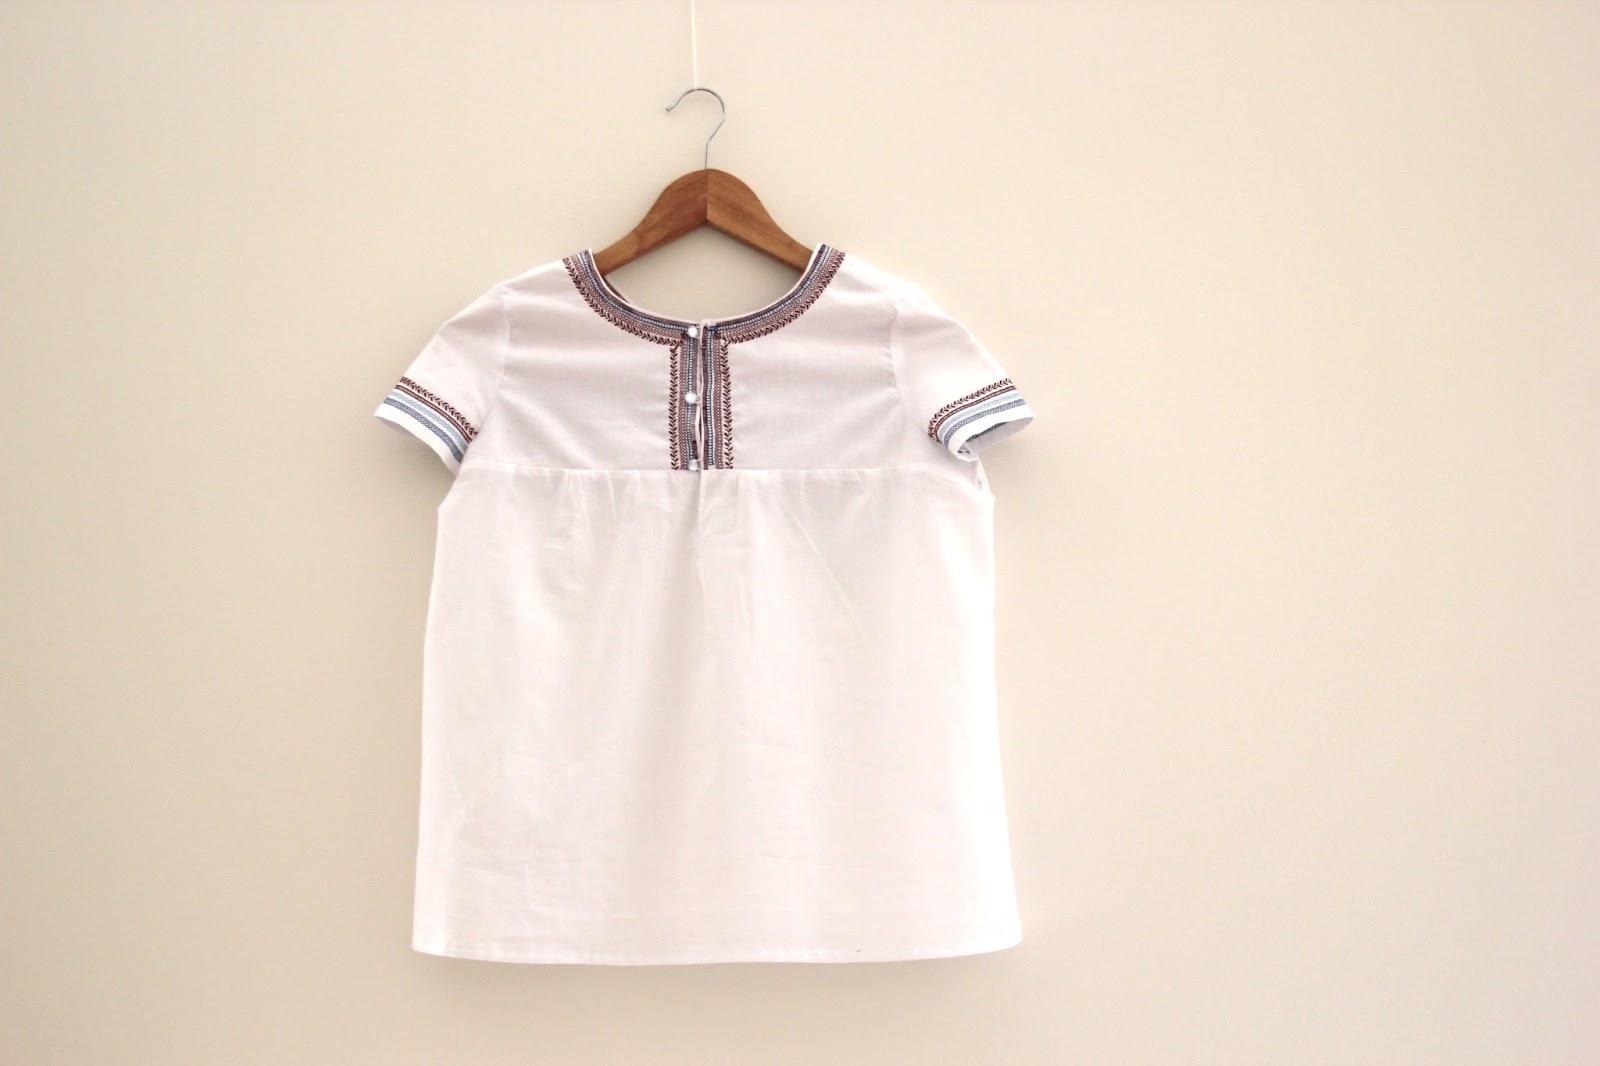 DIY Camiseta Boho (patrones gratis) - Handbox Craft Lovers ...